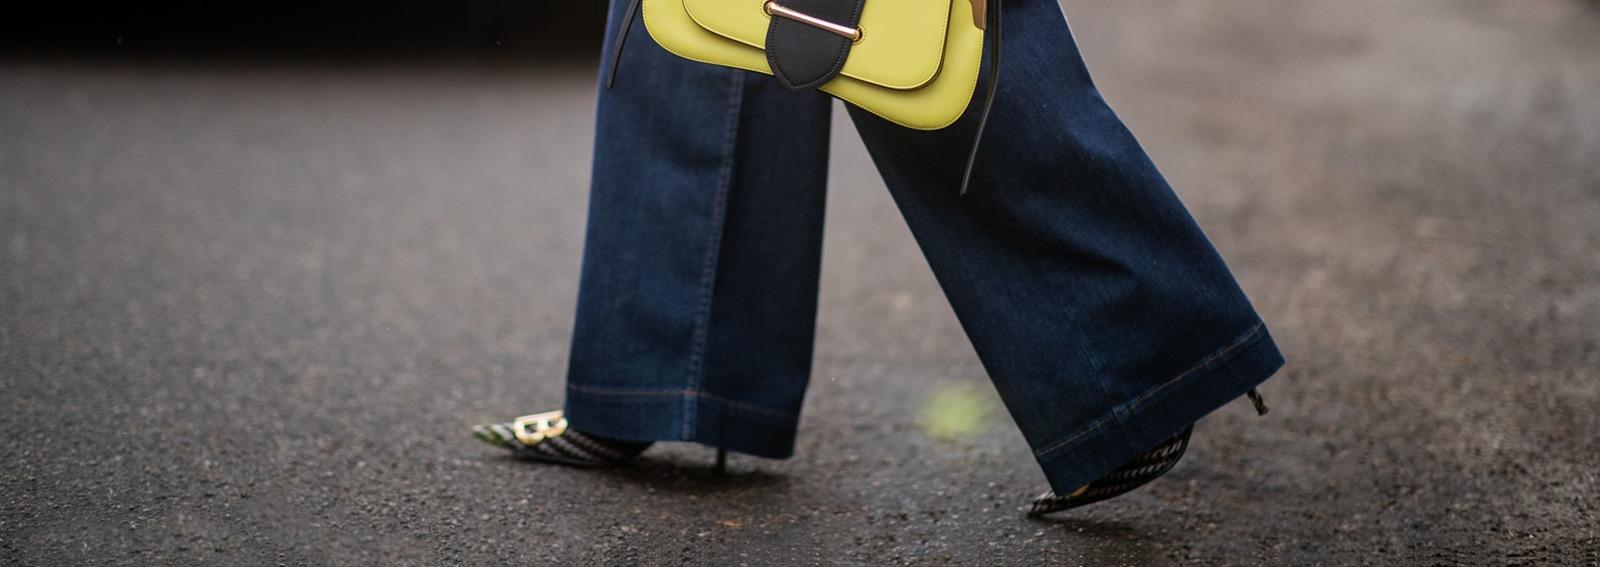 Abbinamenti Per Scarpe Pantaloni LarghiGli Della I Le Primavera drtQshC